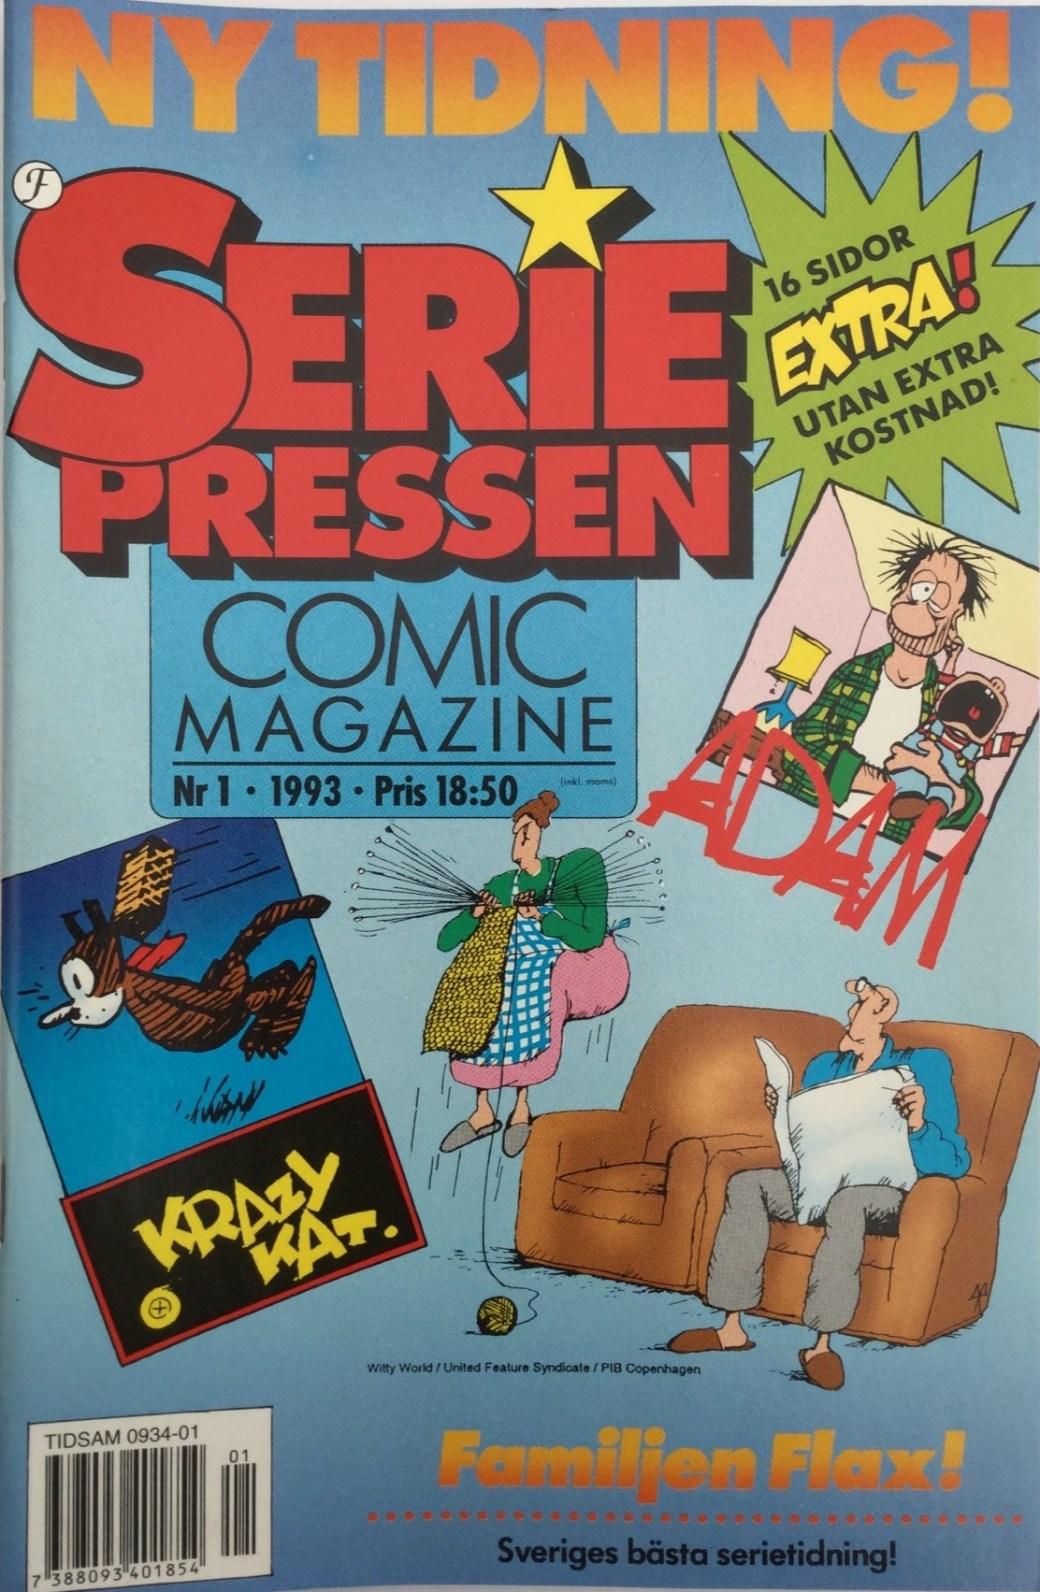 SeriePressen nr 1, 1993 från Formatic Press 1993-94